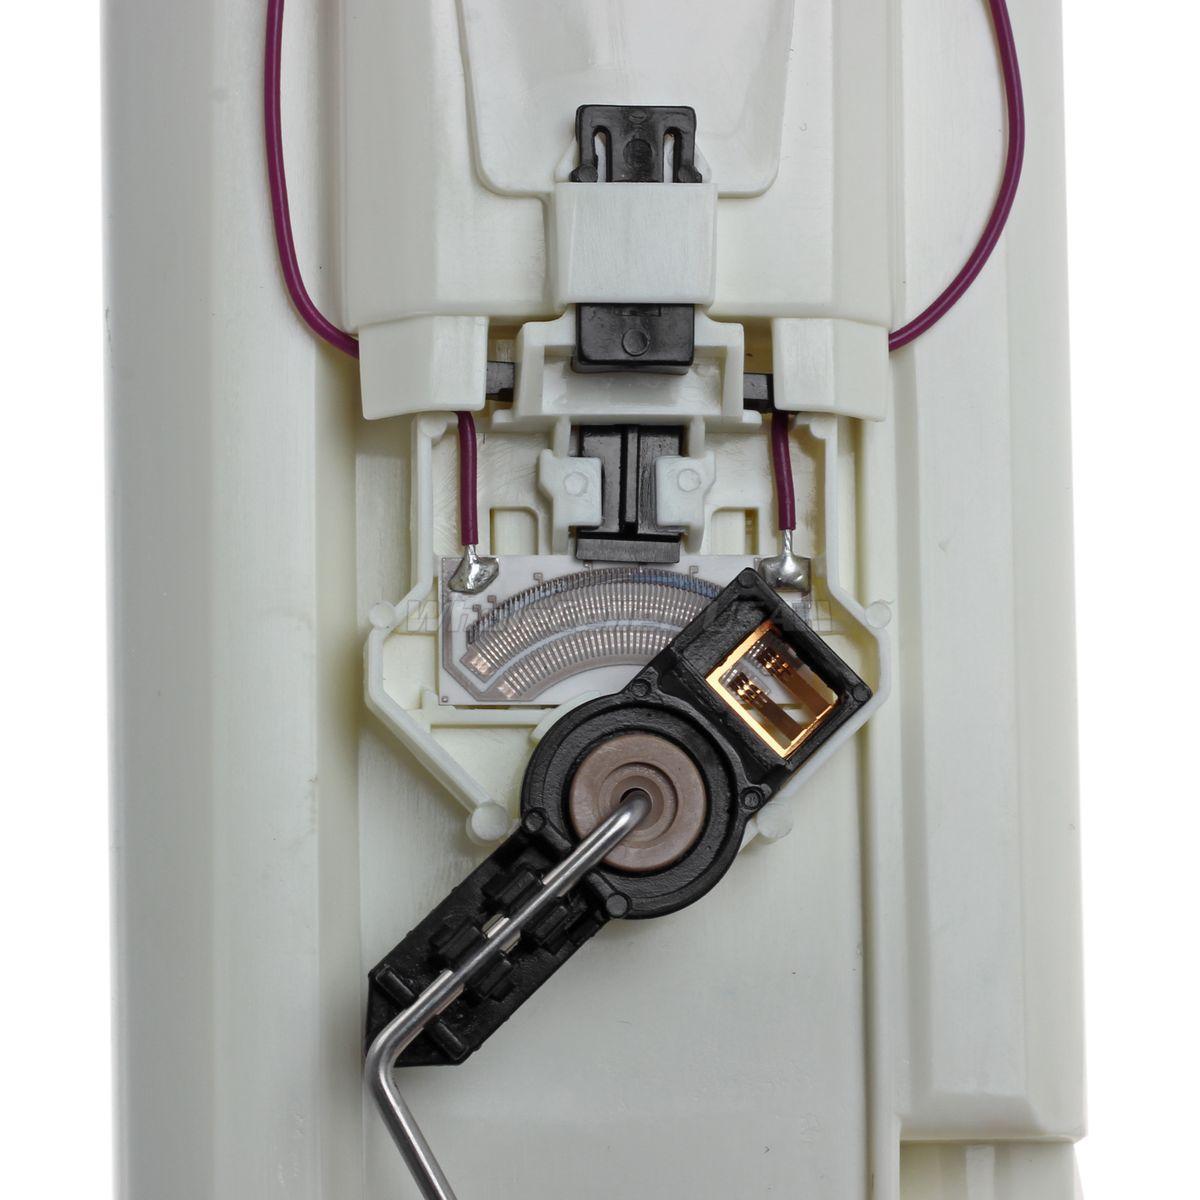 E3973m Fuel Pump W Sending Unit For Pontiac Grand Prix